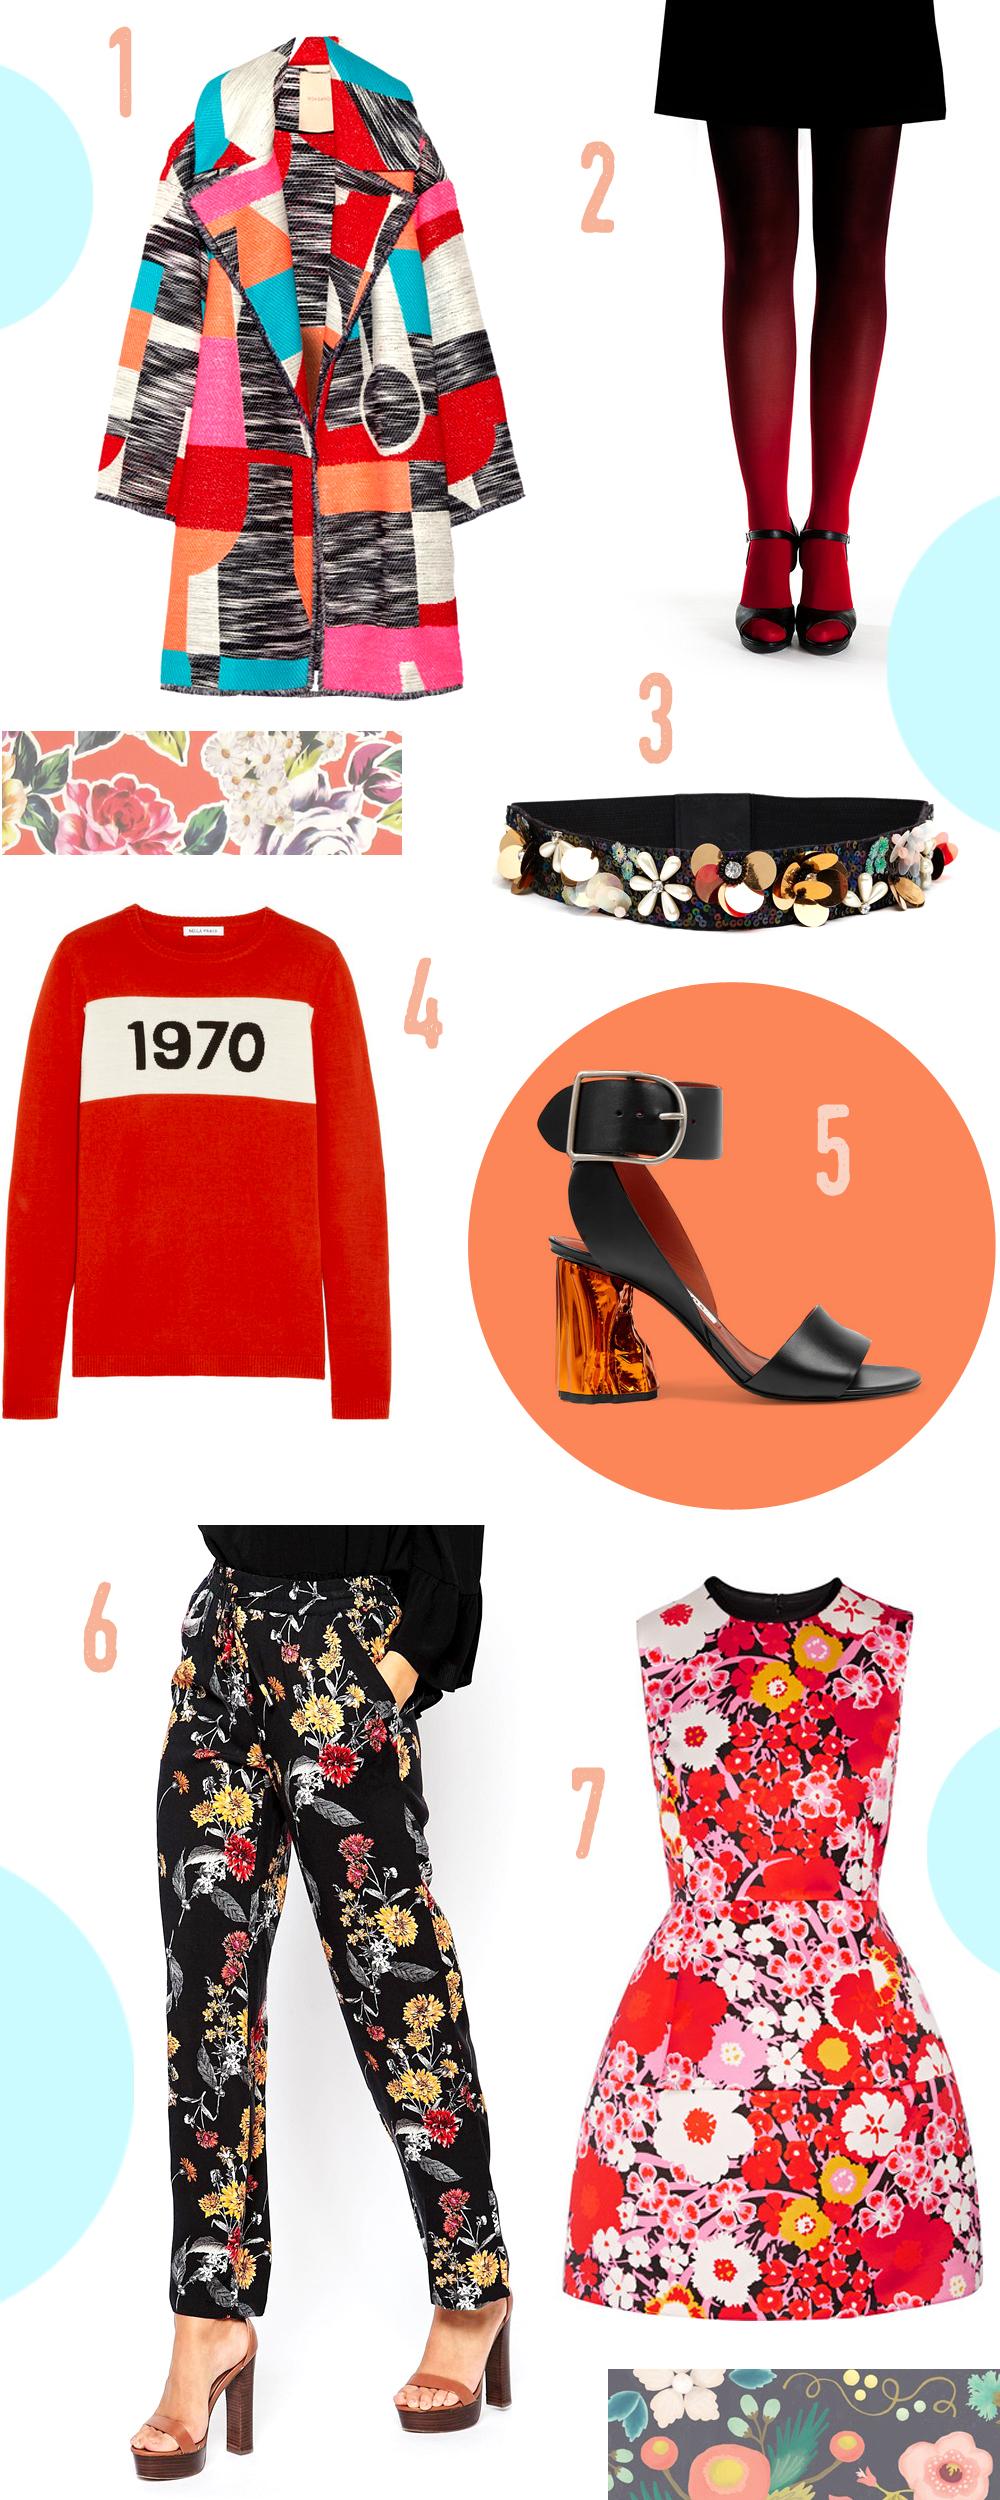 black-and-red-fashion-emmajayne-designs